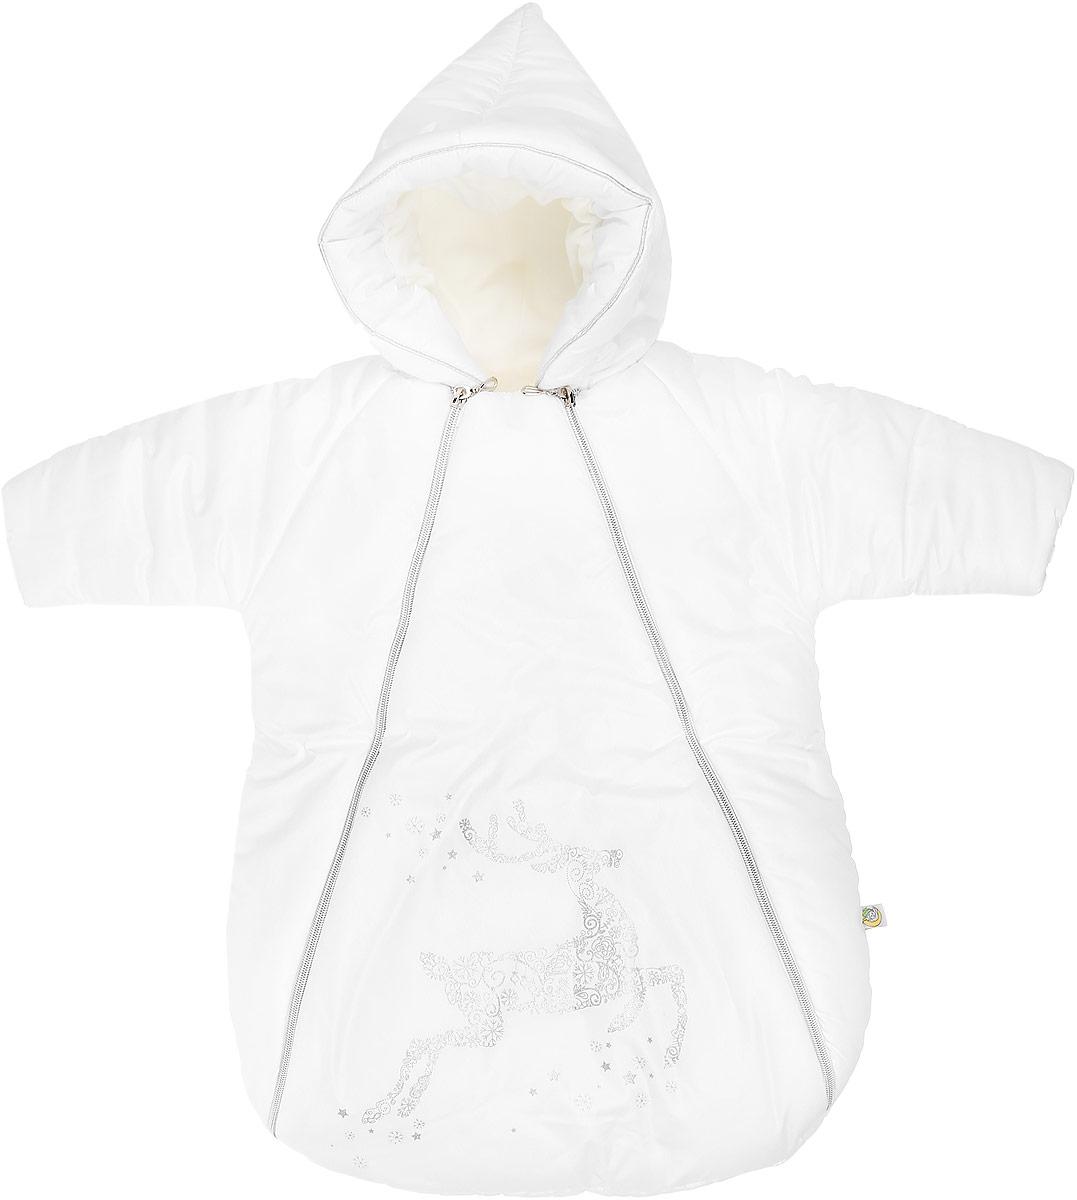 Конверт для новорожденного Сонный Гномик Созвездие, цвет: белый. 988/0. Размер 74988/0Зимний конверт для новорожденного Сонный Гномик Созвездие порадует даже самых требовательных мам и согреет малыша в холодную погоду. Конверт изготовлен из специальной синтетической ткани Dewspo (100% полиэстер), которая защищает от дождя и ветра. Меховая подкладка выполнена из шерсти с добавлением полиэстера. В качестве утеплителя используется шелтер (100% полиэстер).Шелтер (Shelter) - утеплитель, состоящий из микроволокон, удачно сочетает непревзойденное тепло натурального пуха и лучшие качества синтетических материалов. Его уникальность состоит в особенности структуры, повторяющей пух. Ультратонкие волокна делают утеплитель мягким, позволяющим ребенку активно двигаться. Утеплитель шелтер максимально защищает от холода, не стесняя движений, позволяя телу дышать. Конверт легко стирается в домашних условиях, быстро сохнет и сохраняет форму. Конверт с несъемным капюшоном и рукавами-реглан закрывается при помощи двух пластиковых молний и клапана на застежке-липучке. Капюшон присборен по краю на эластичную резинку. Внутренняя сторона капюшона отделана мягким материалом для большего комфорта. На рукавах предусмотрены трикотажные манжеты, защищающие от ветра. Подкладка рукавов выполнена из теплого флиса. Оформлено изделие красивым принтом с блестящим напылением. Теплый, комфортный и удобный конверт идеально подойдет для прогулок на свежем воздухе!